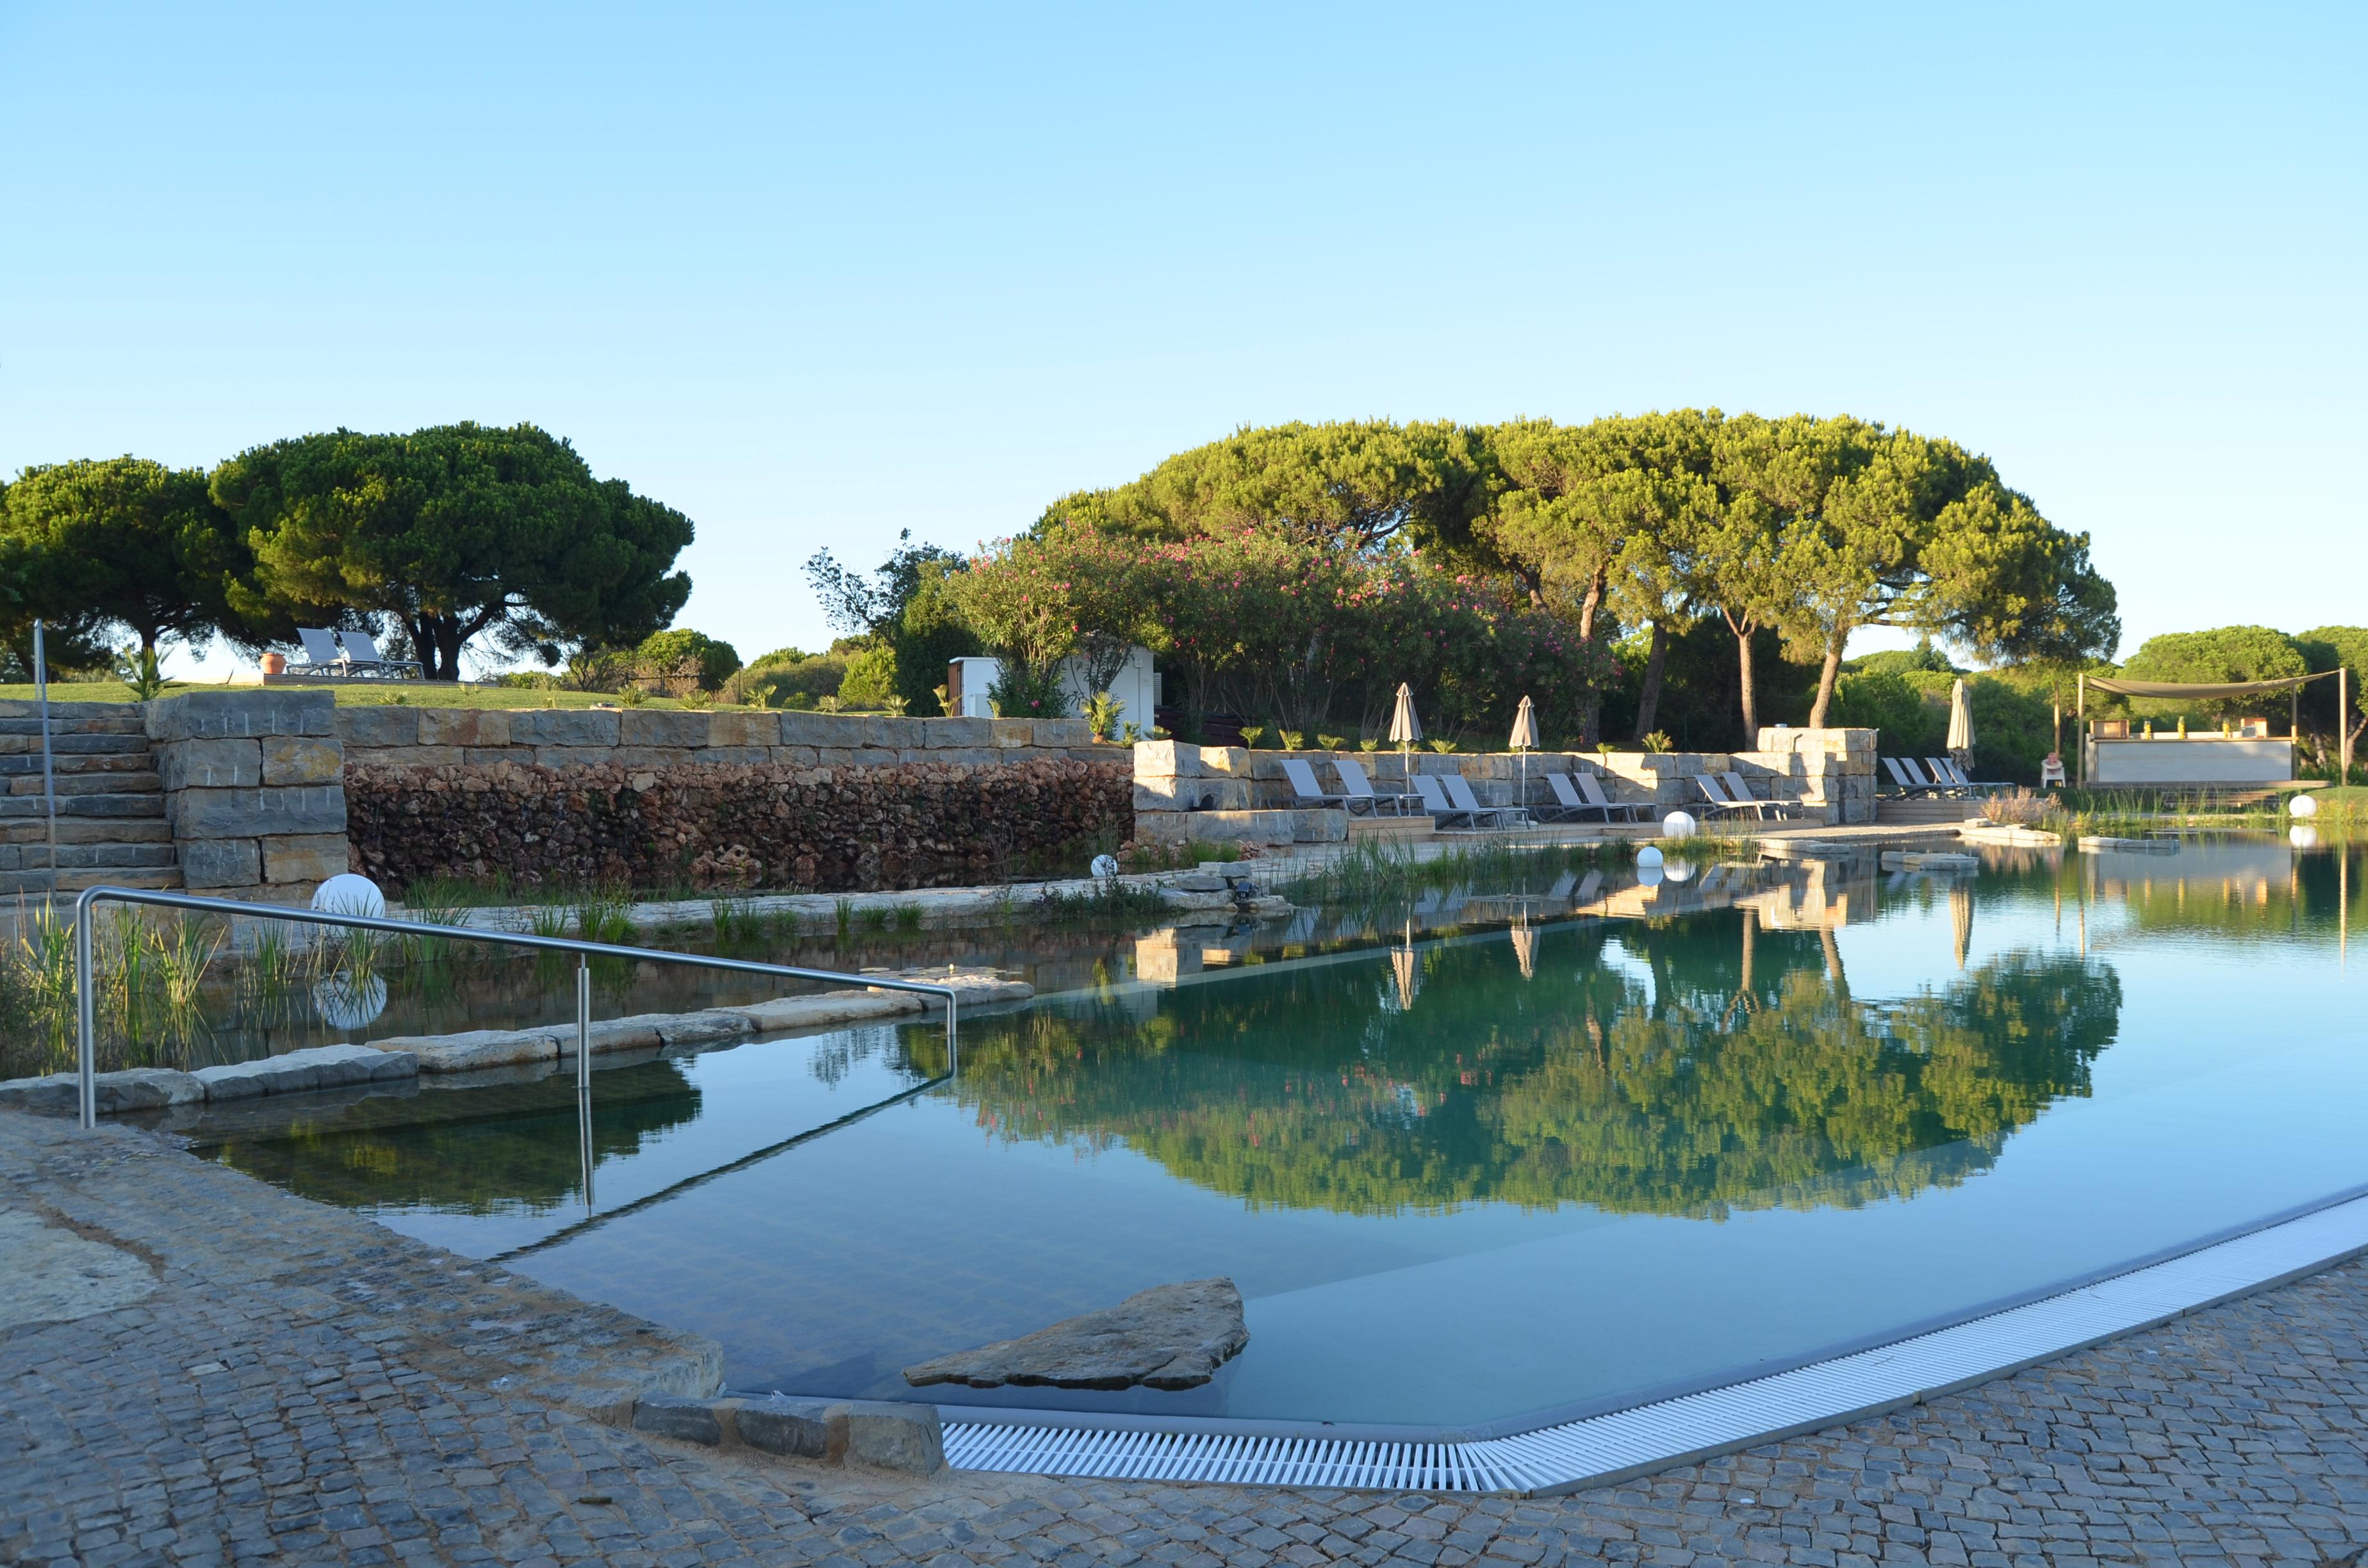 Albufeira piscinas biol gicas for Piscinas biologicas